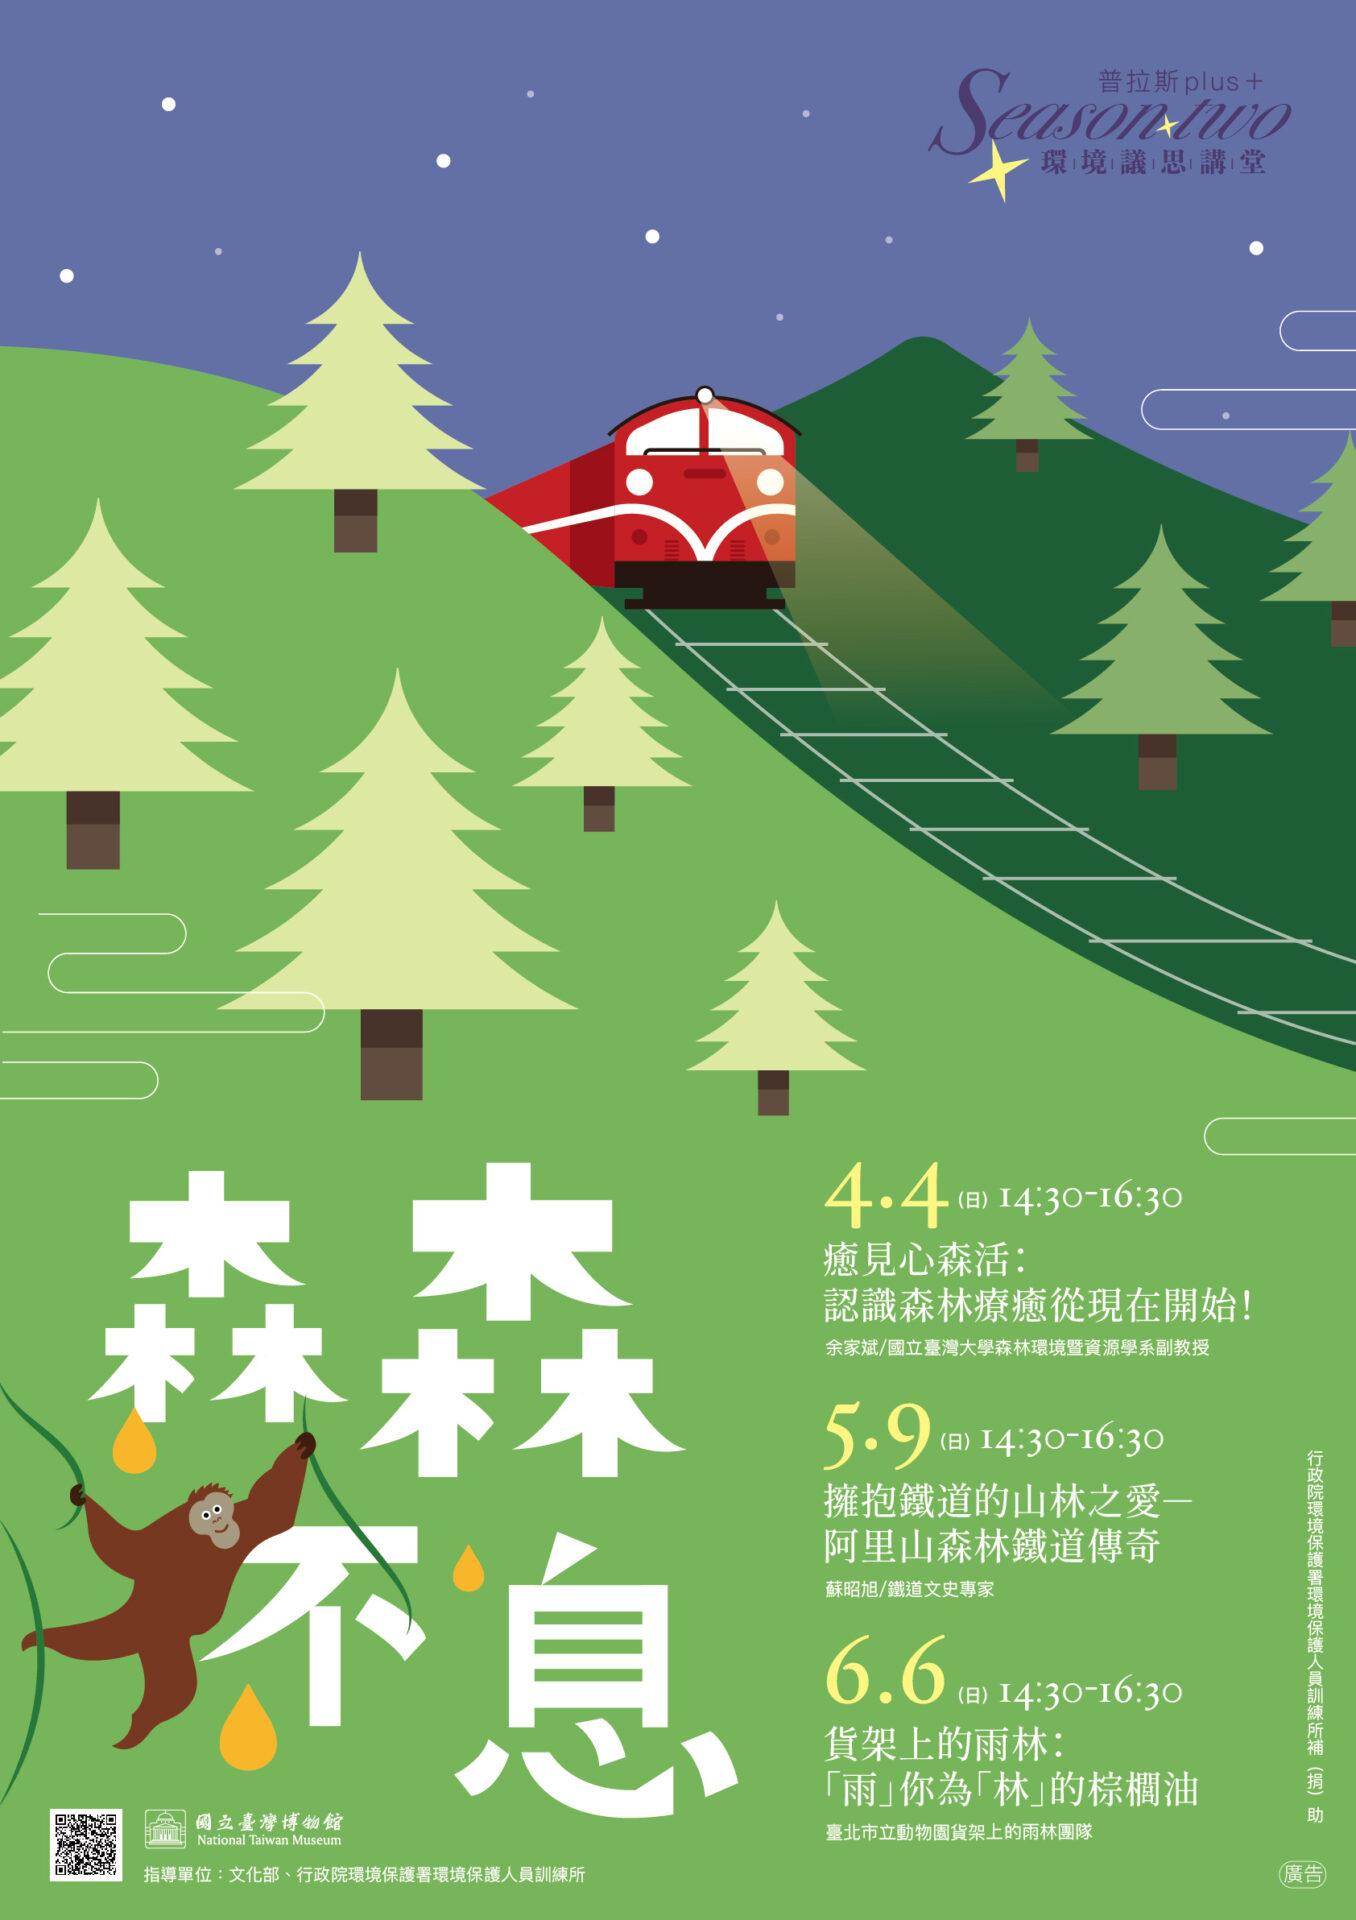 國立臺灣博物館:2021/4/4【環境議思講堂 普拉斯plus+「森森不息」】